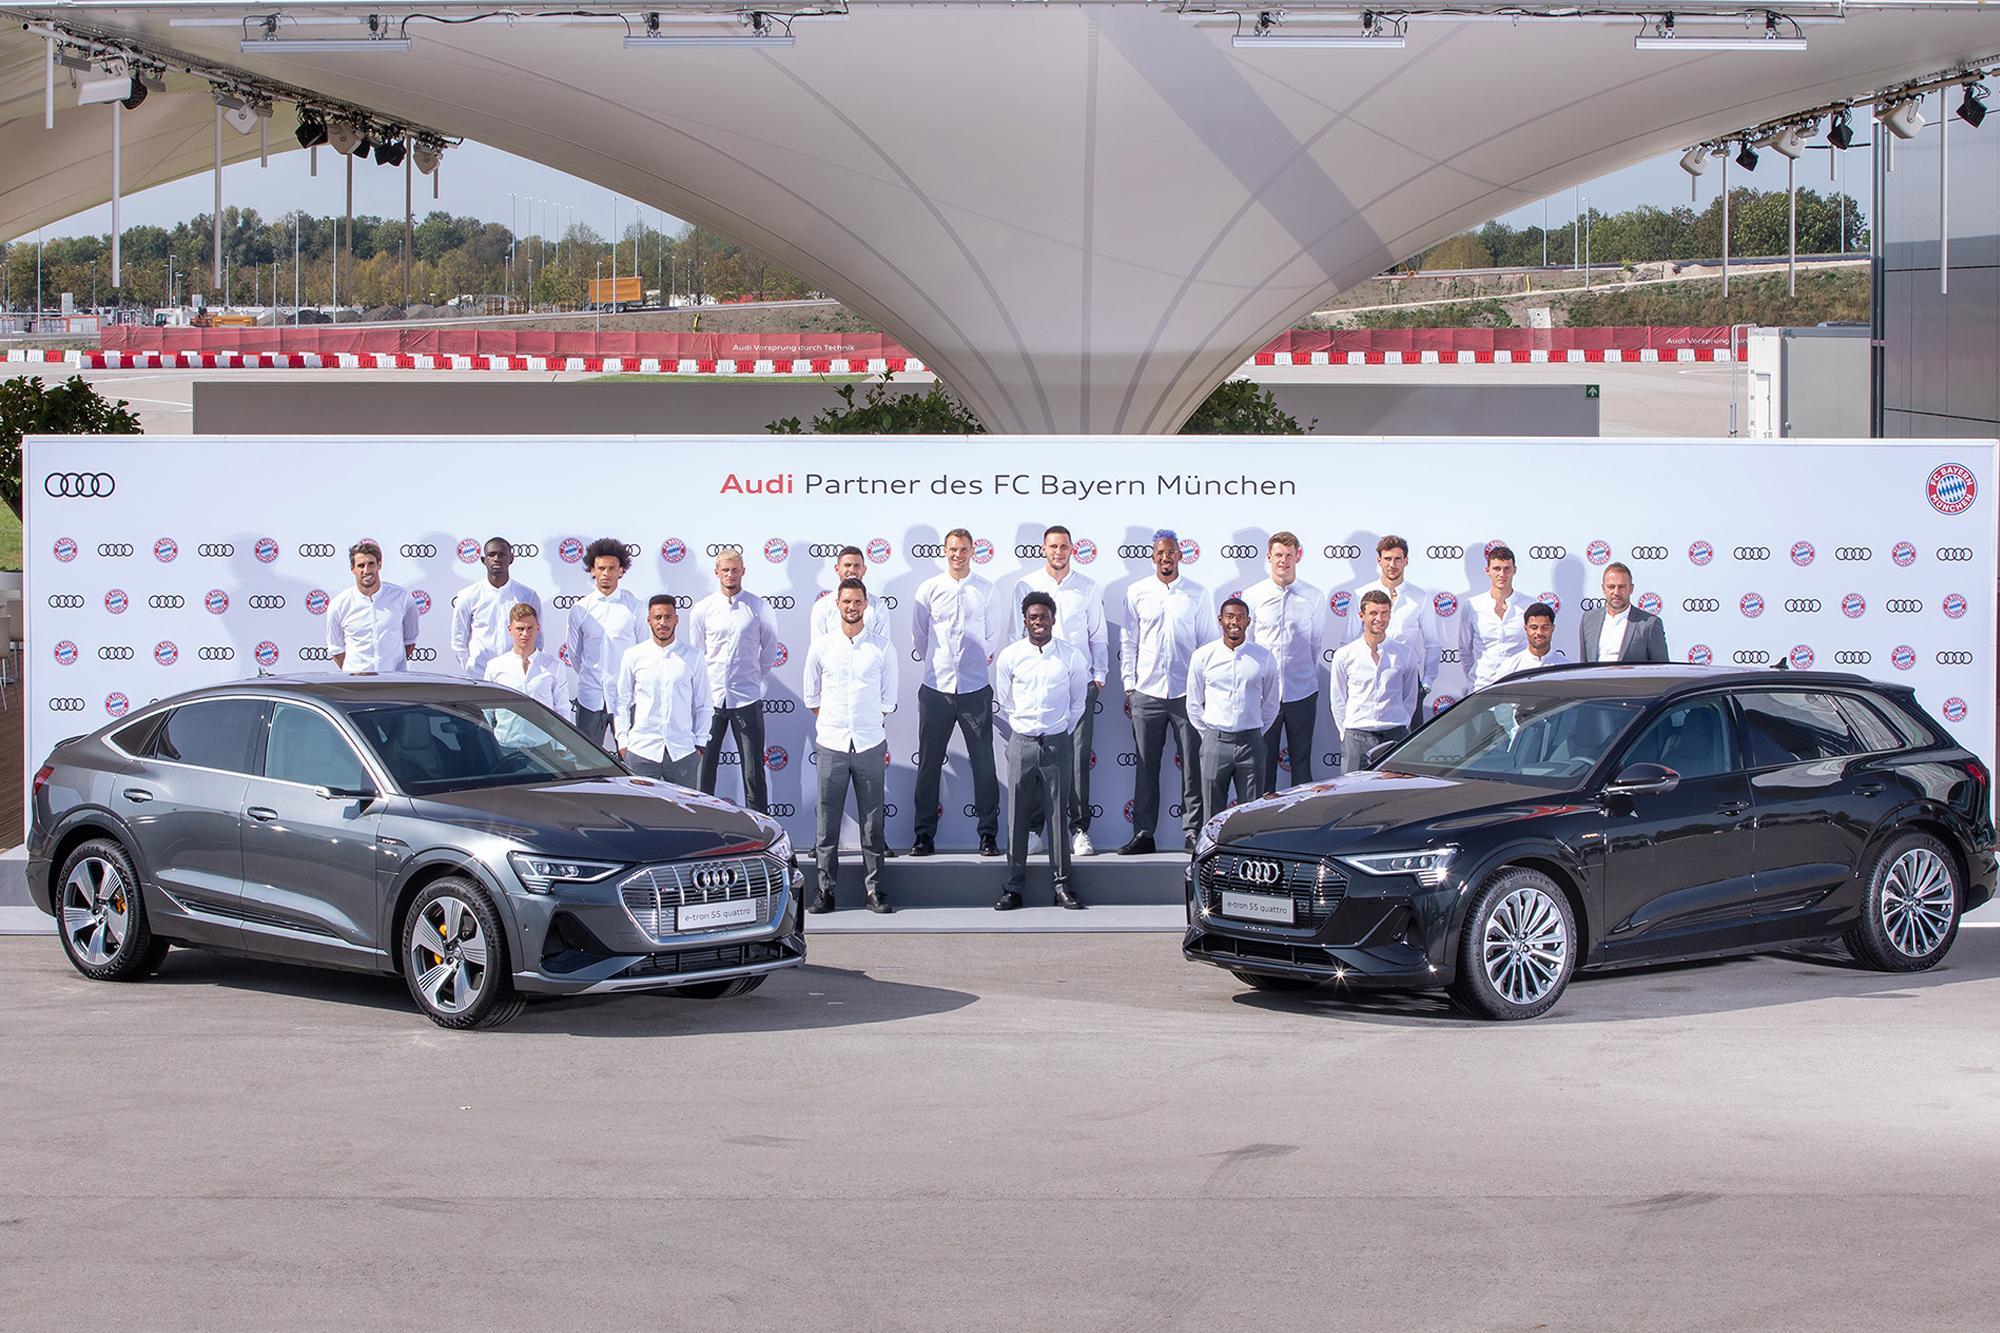 Η Audi εξηλεκτρίζει τη Μπάγερν Μονάχου